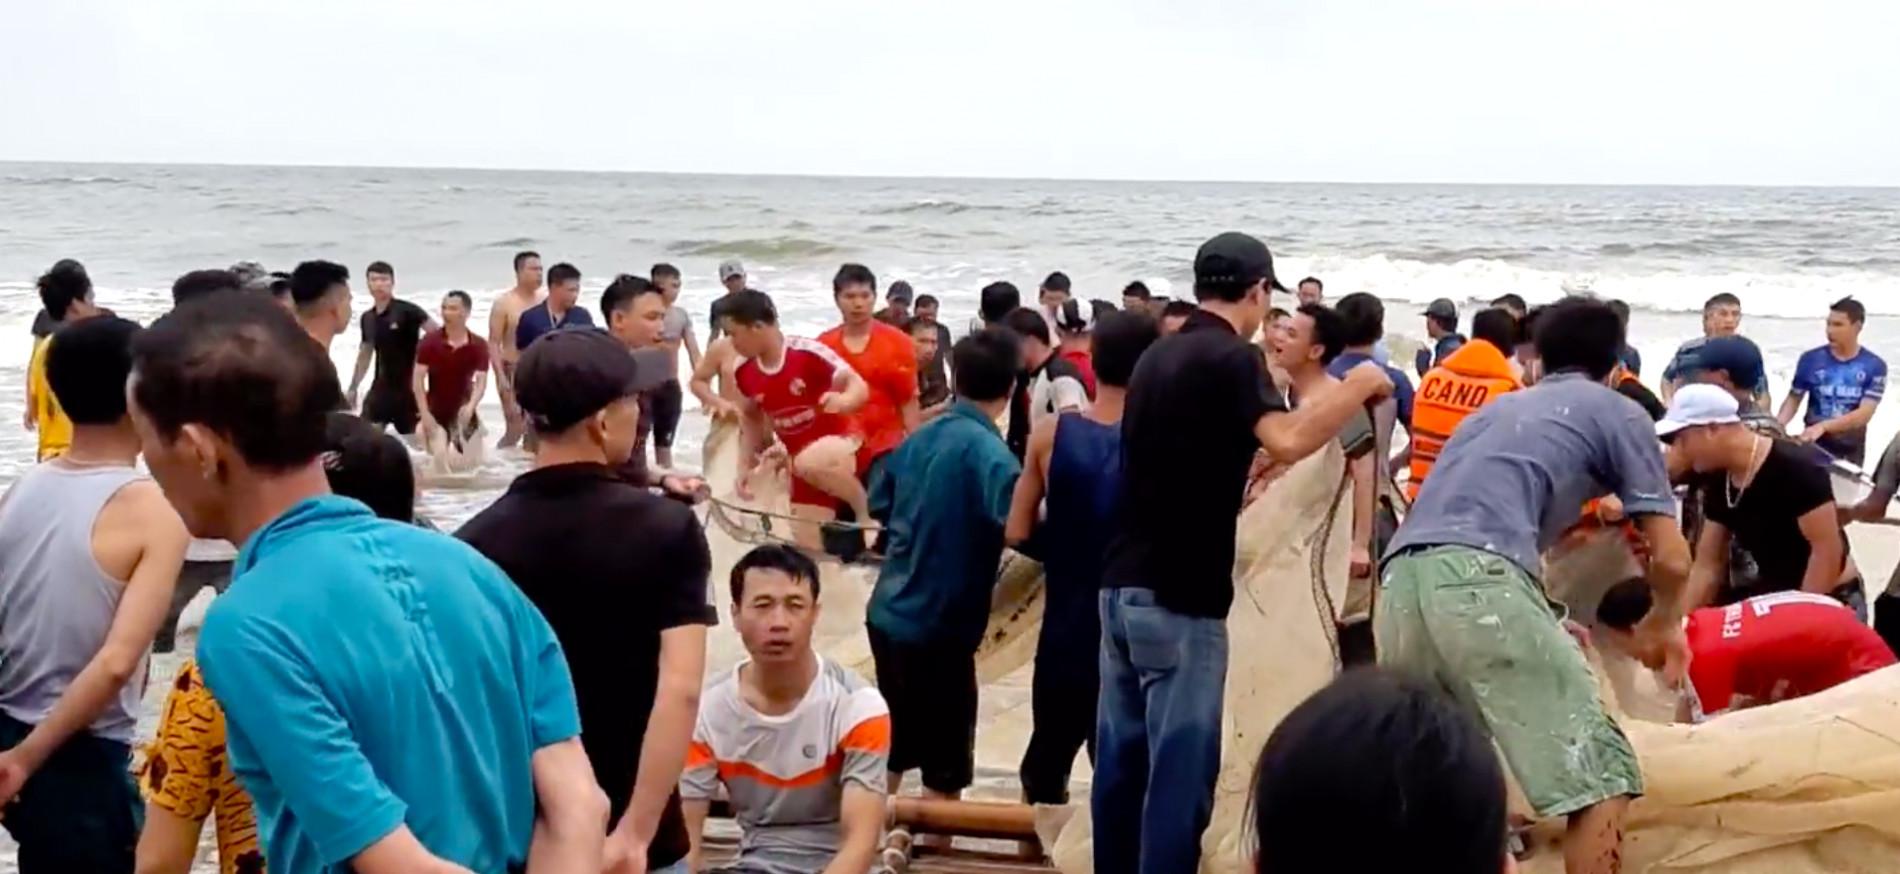 Vụ 4 nam sinh mất tích trên biển: Thi thể 2 nam sinh dạt vào bờ cách hiện trường 7km - Ảnh 2.